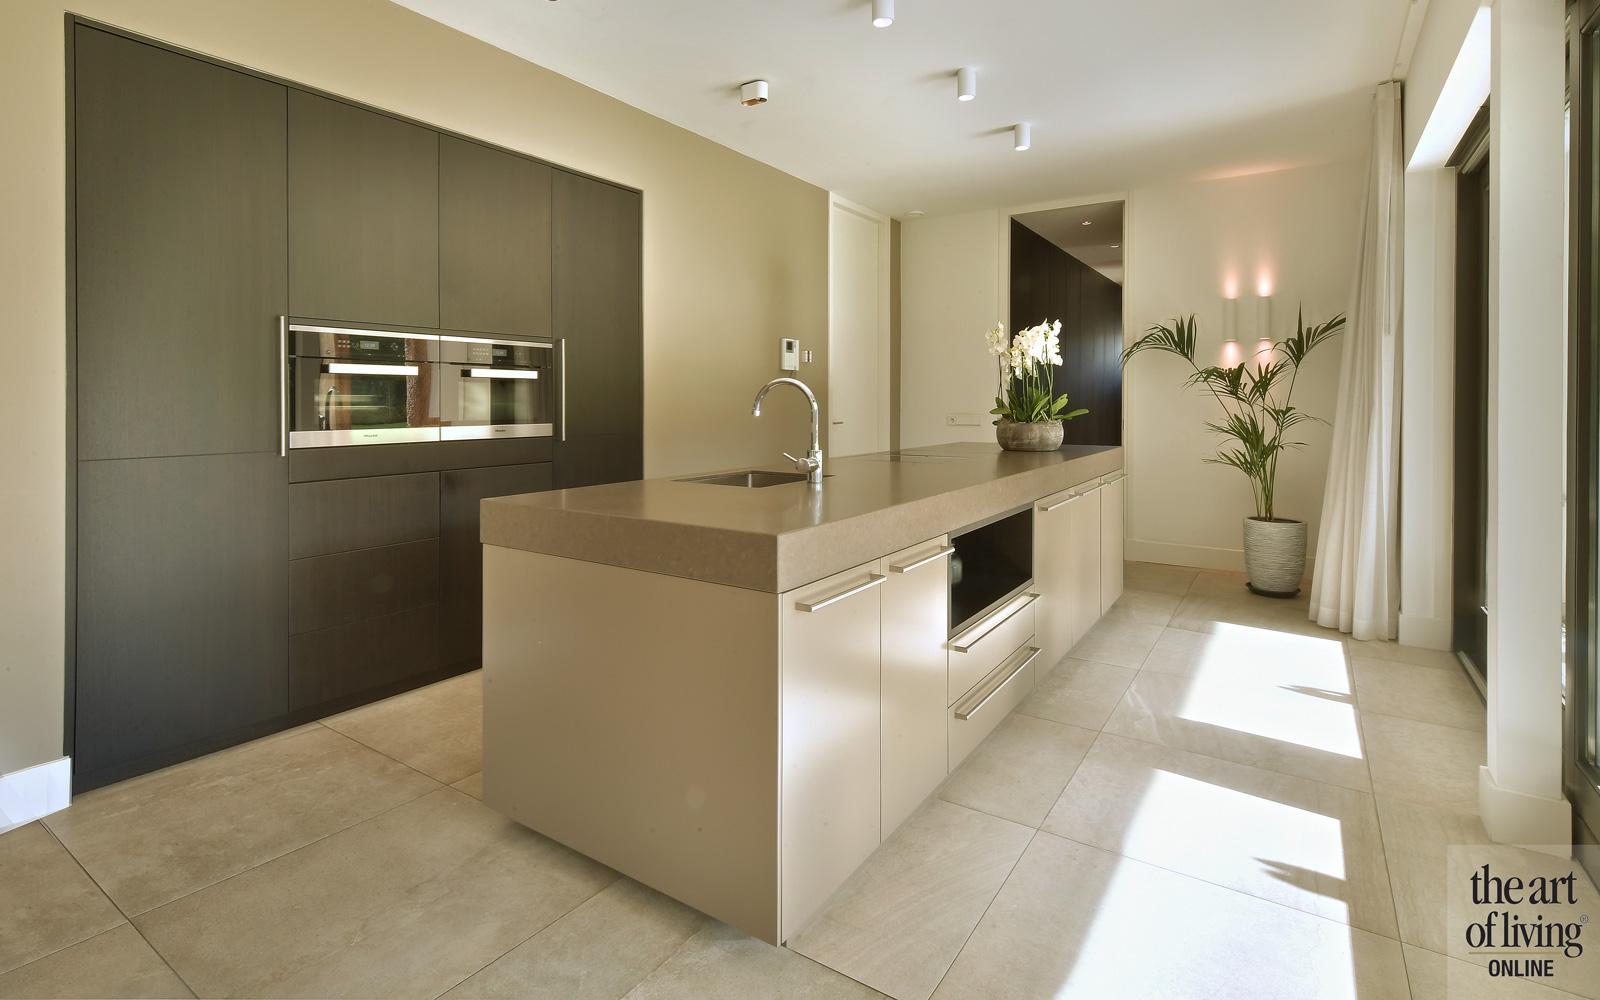 Strakke, functionele keuken